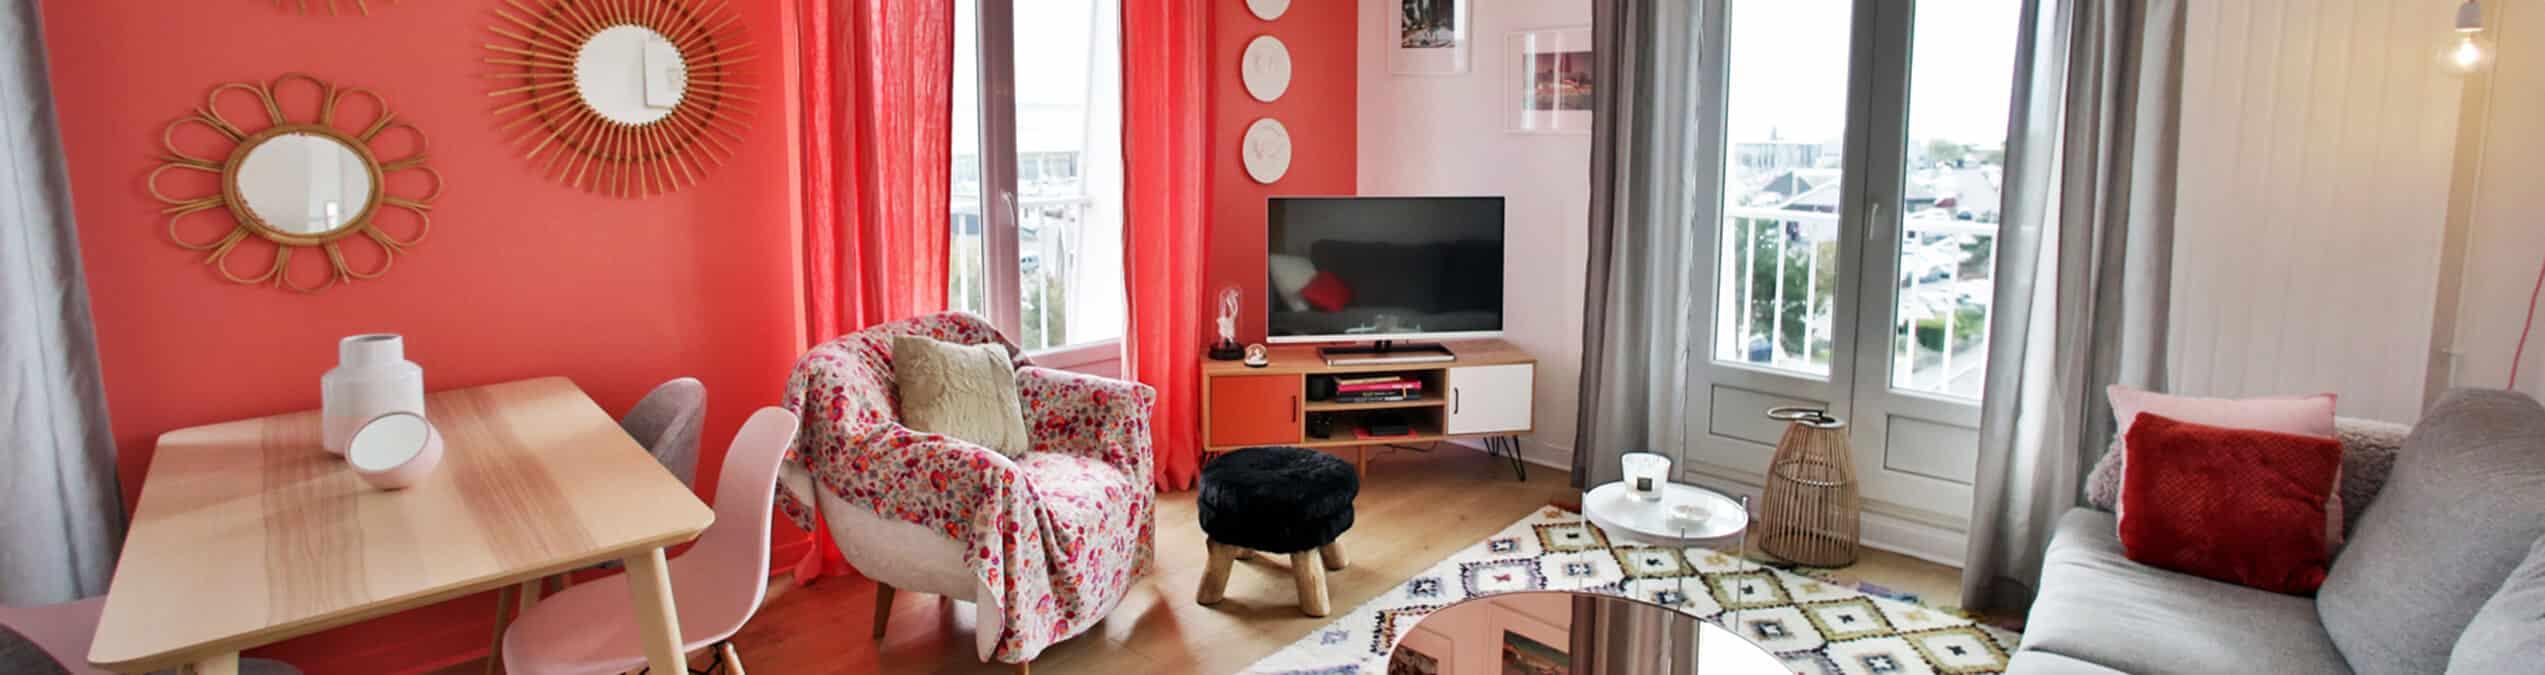 Appartement au féminin, une décoration édulcorée